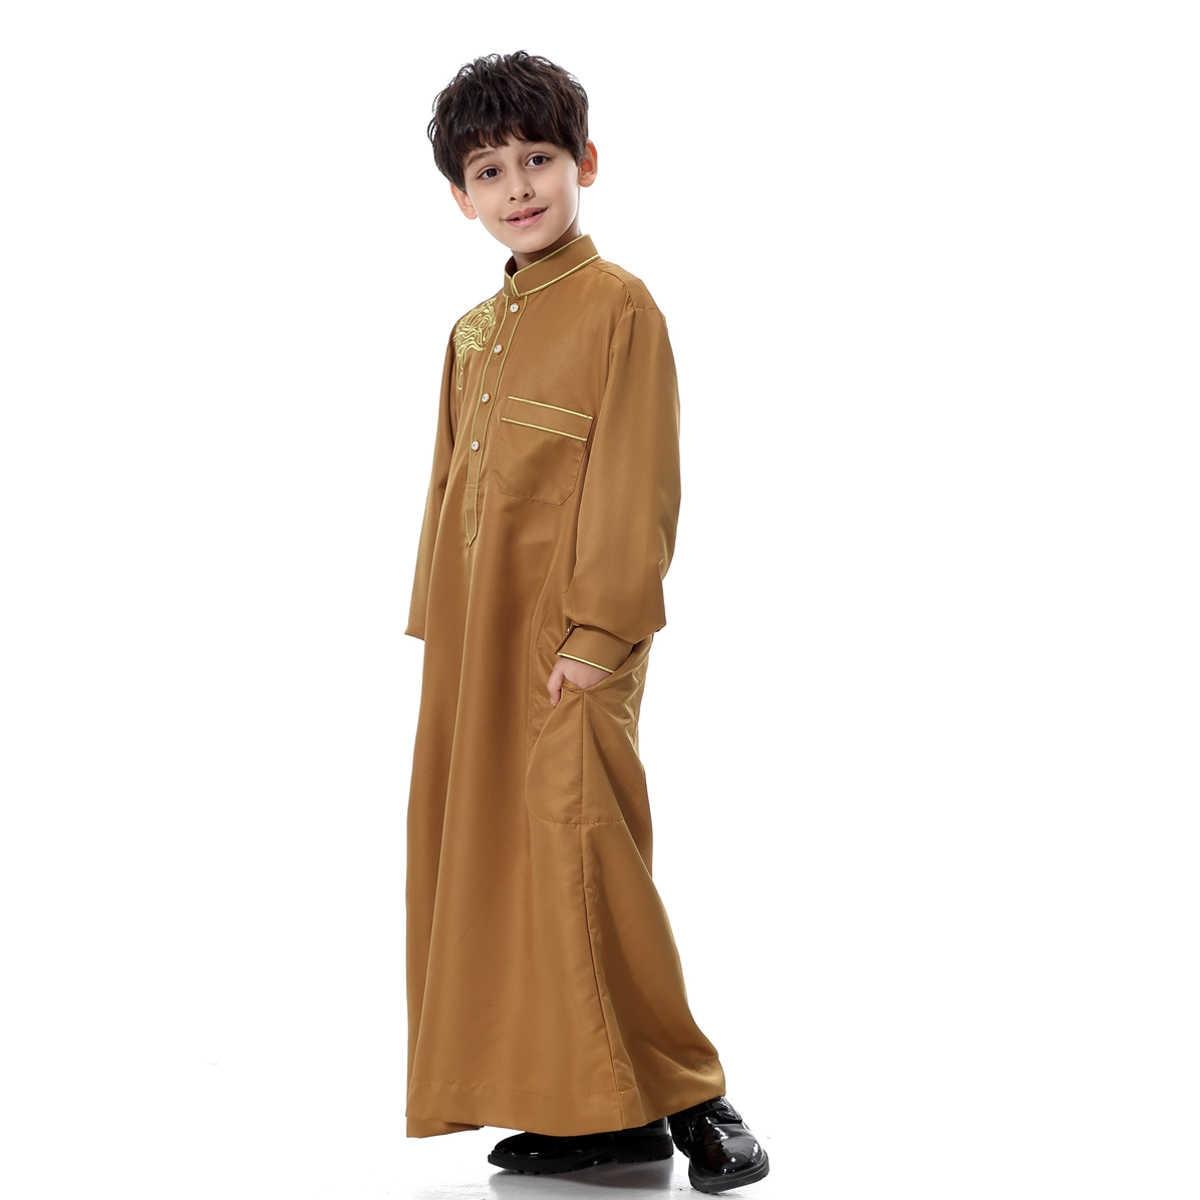 Eid少年子供アバヤドバイカフタンオマーンアラビアカタールイスラム教徒の子供ローブカフタンラマダンropa musulmana hombreイスラム服